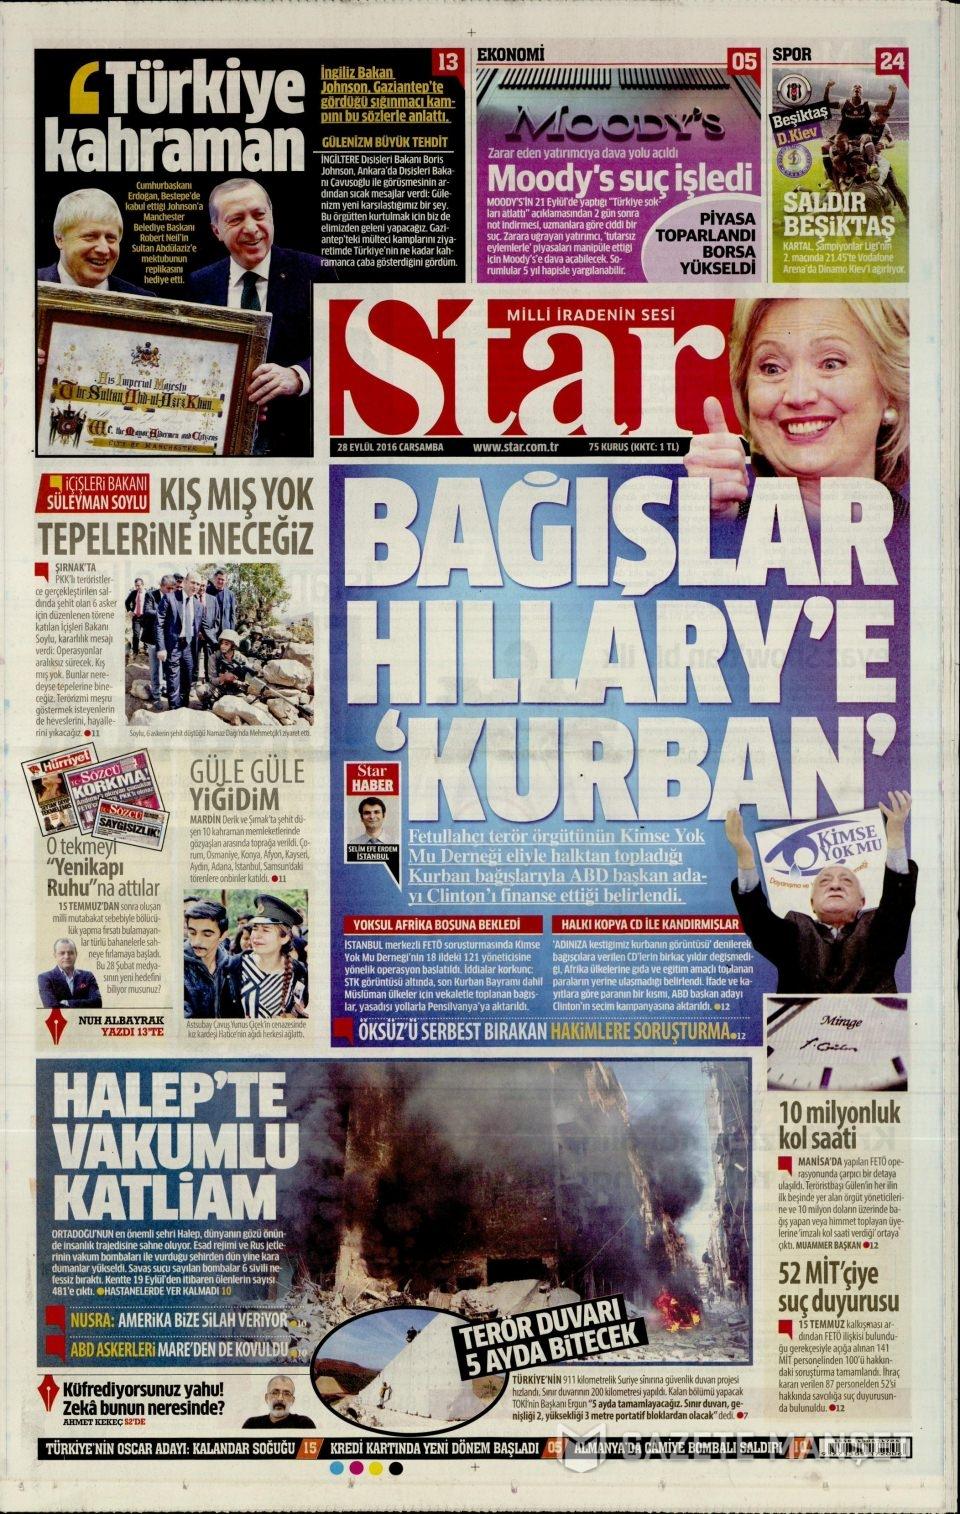 28 Eylül Çarşamba gazete manşetleri 9